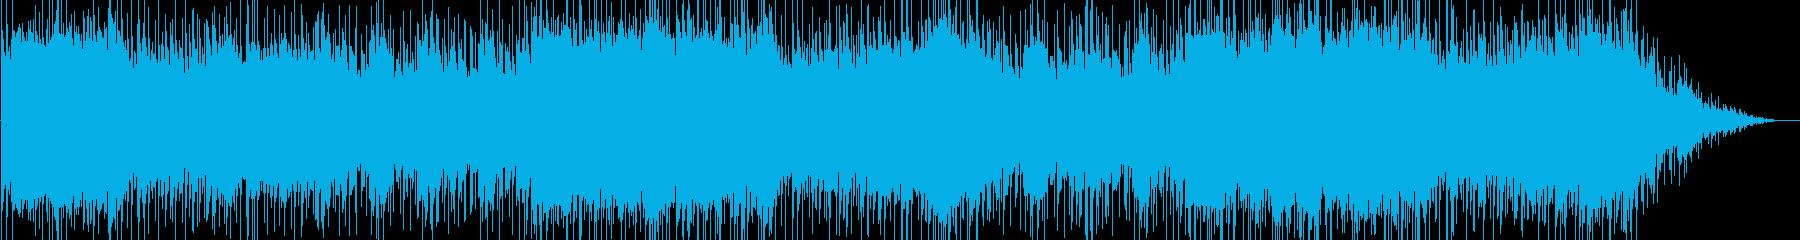 バトル・アイリッシュ・ハードロックの再生済みの波形